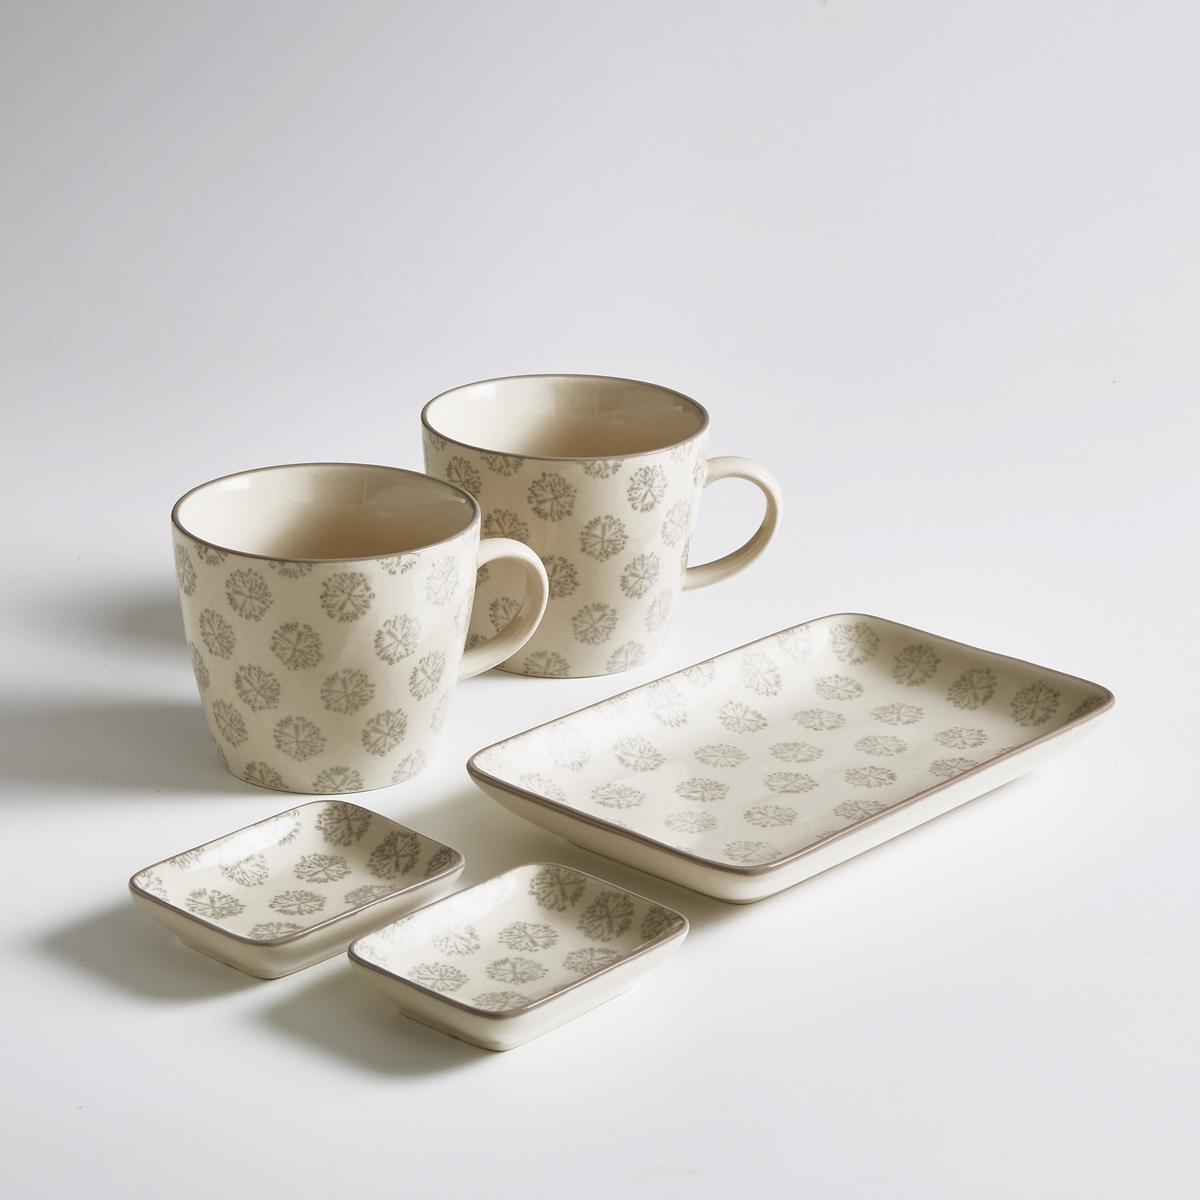 Комплект из 2 чашек, 2 блюдец и 1 подносаХарактеристики комплекта из 2 чашек:- 2 чашки из керамики (диаметр: 9,5 см x высота: 8 см).- 2 блюдца из керамики  (диаметр: 8,5 см x 6,5 см x 2 см).- 1 поднос из керамики (19 см x 12 см).- Можно использовать в микроволновой печи и мыть в посудомоечной машине.- Комплект из 2 чашек.<br><br>Цвет: набивной рисунок